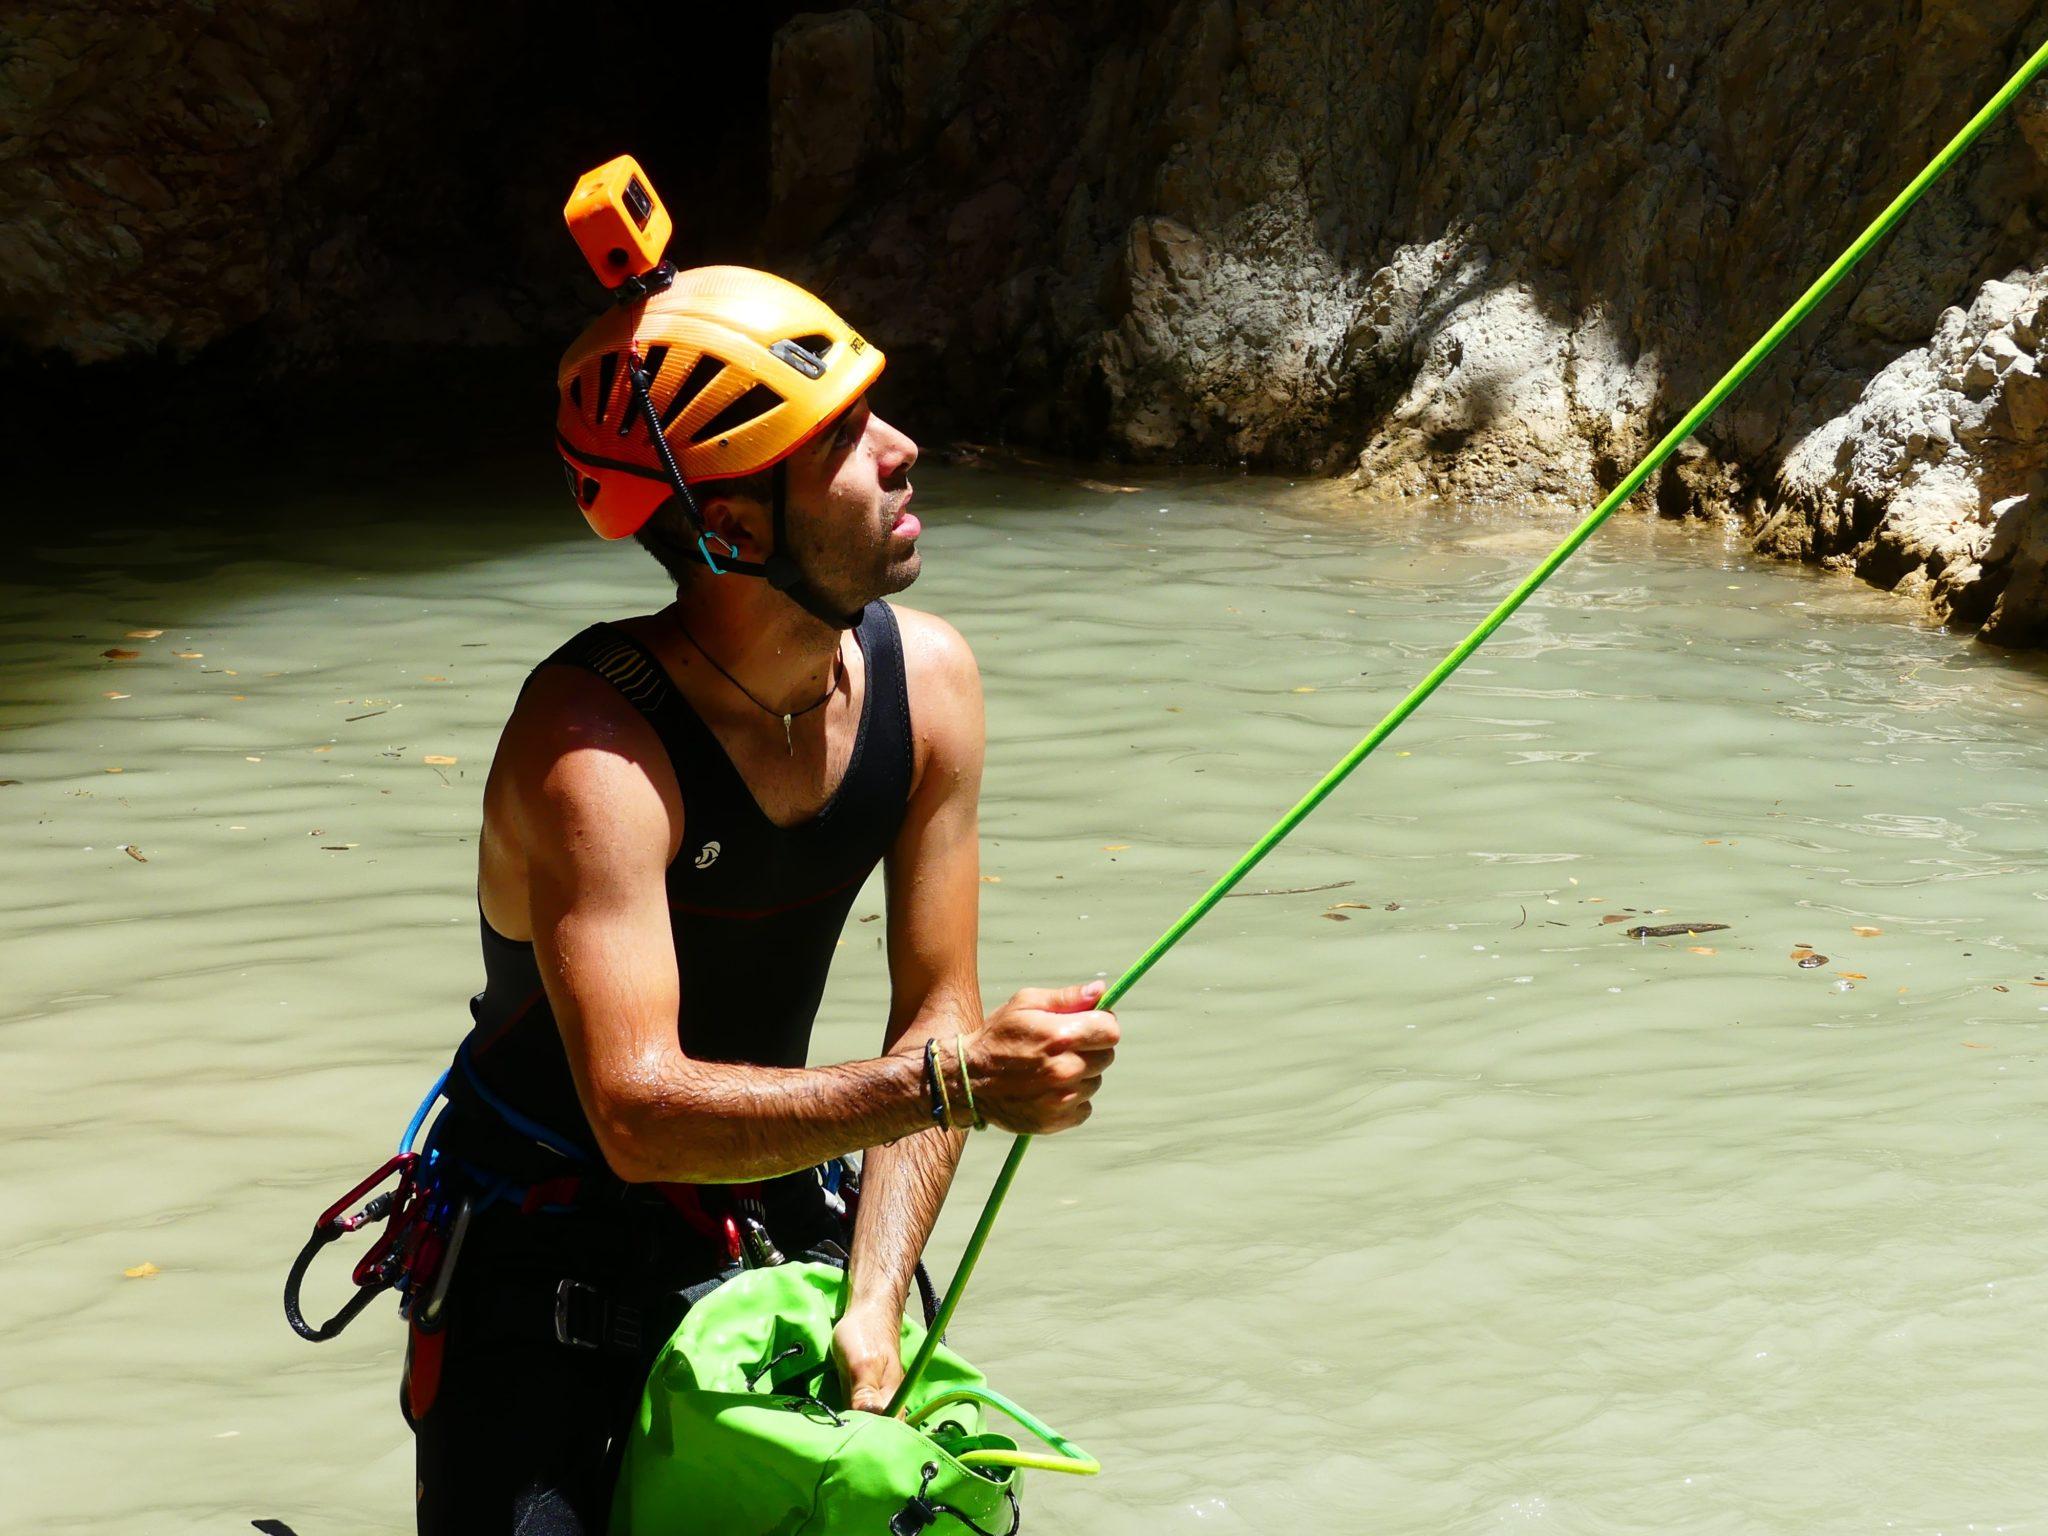 guía de actividades al aire libre velando por la seguridad de los participantes